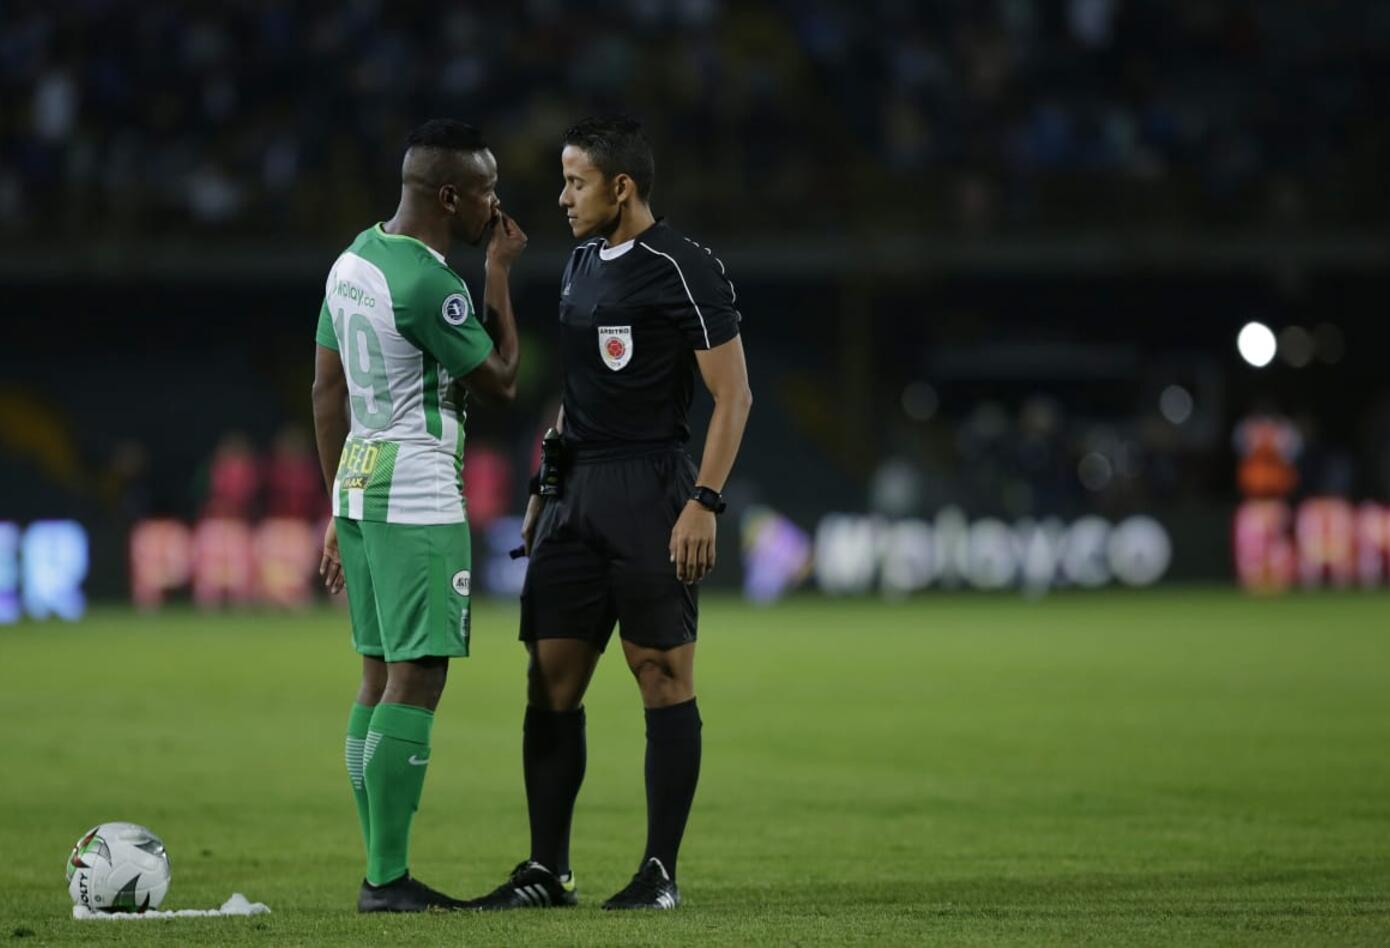 Jugador de Nacional hablando con el árbitro durante el partido